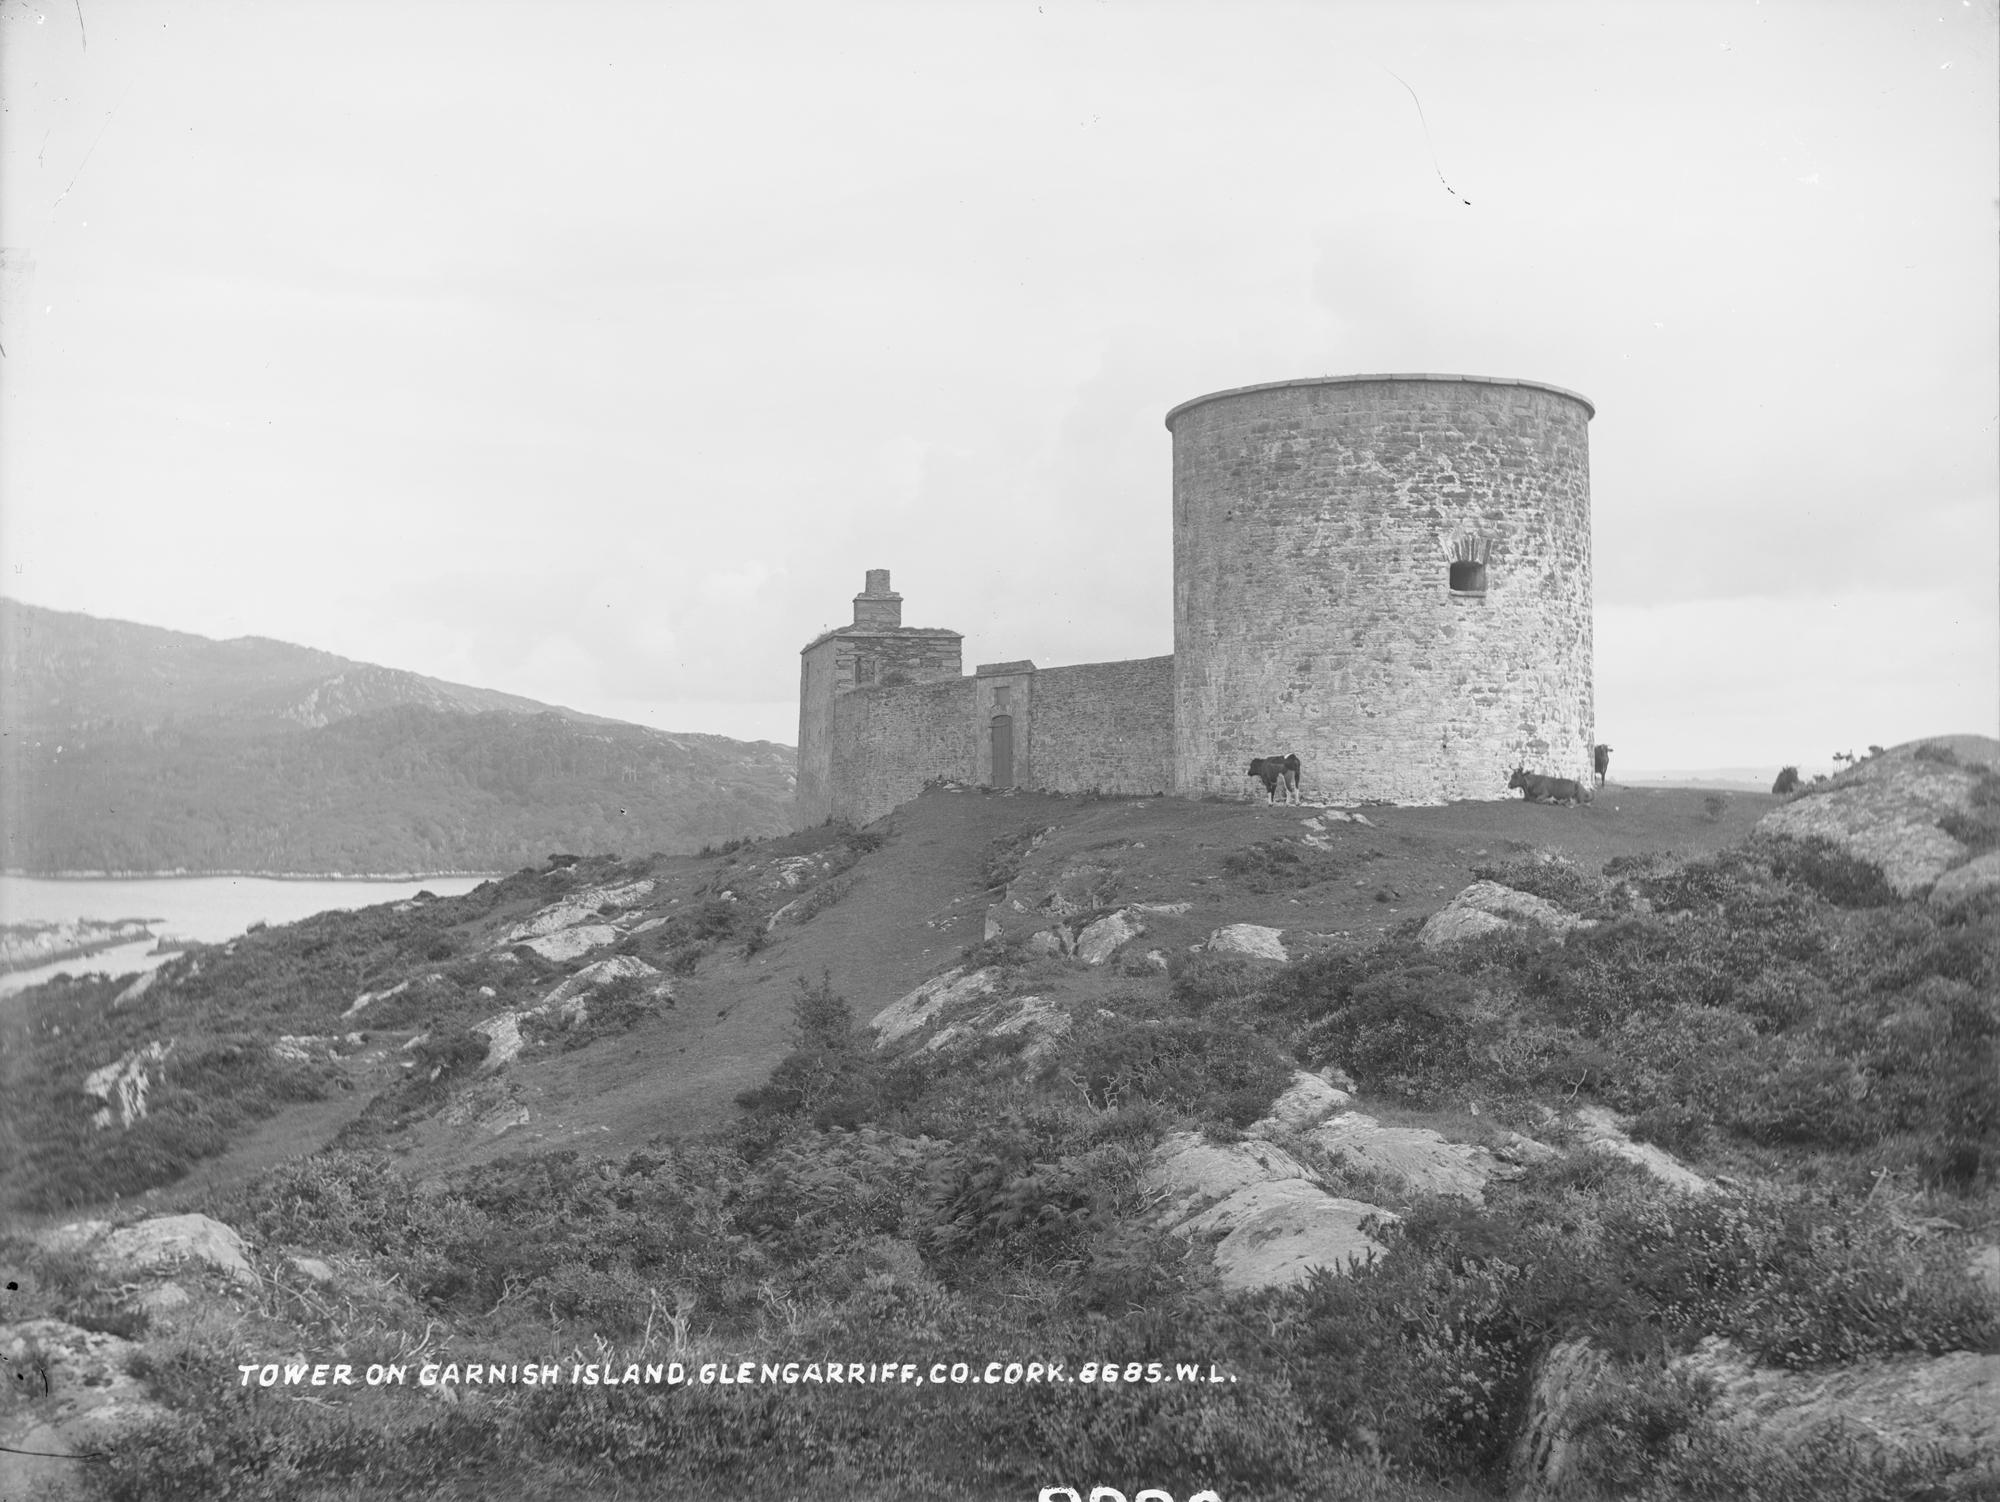 Garinish Island Tower, Glengarriff, Co. Cork